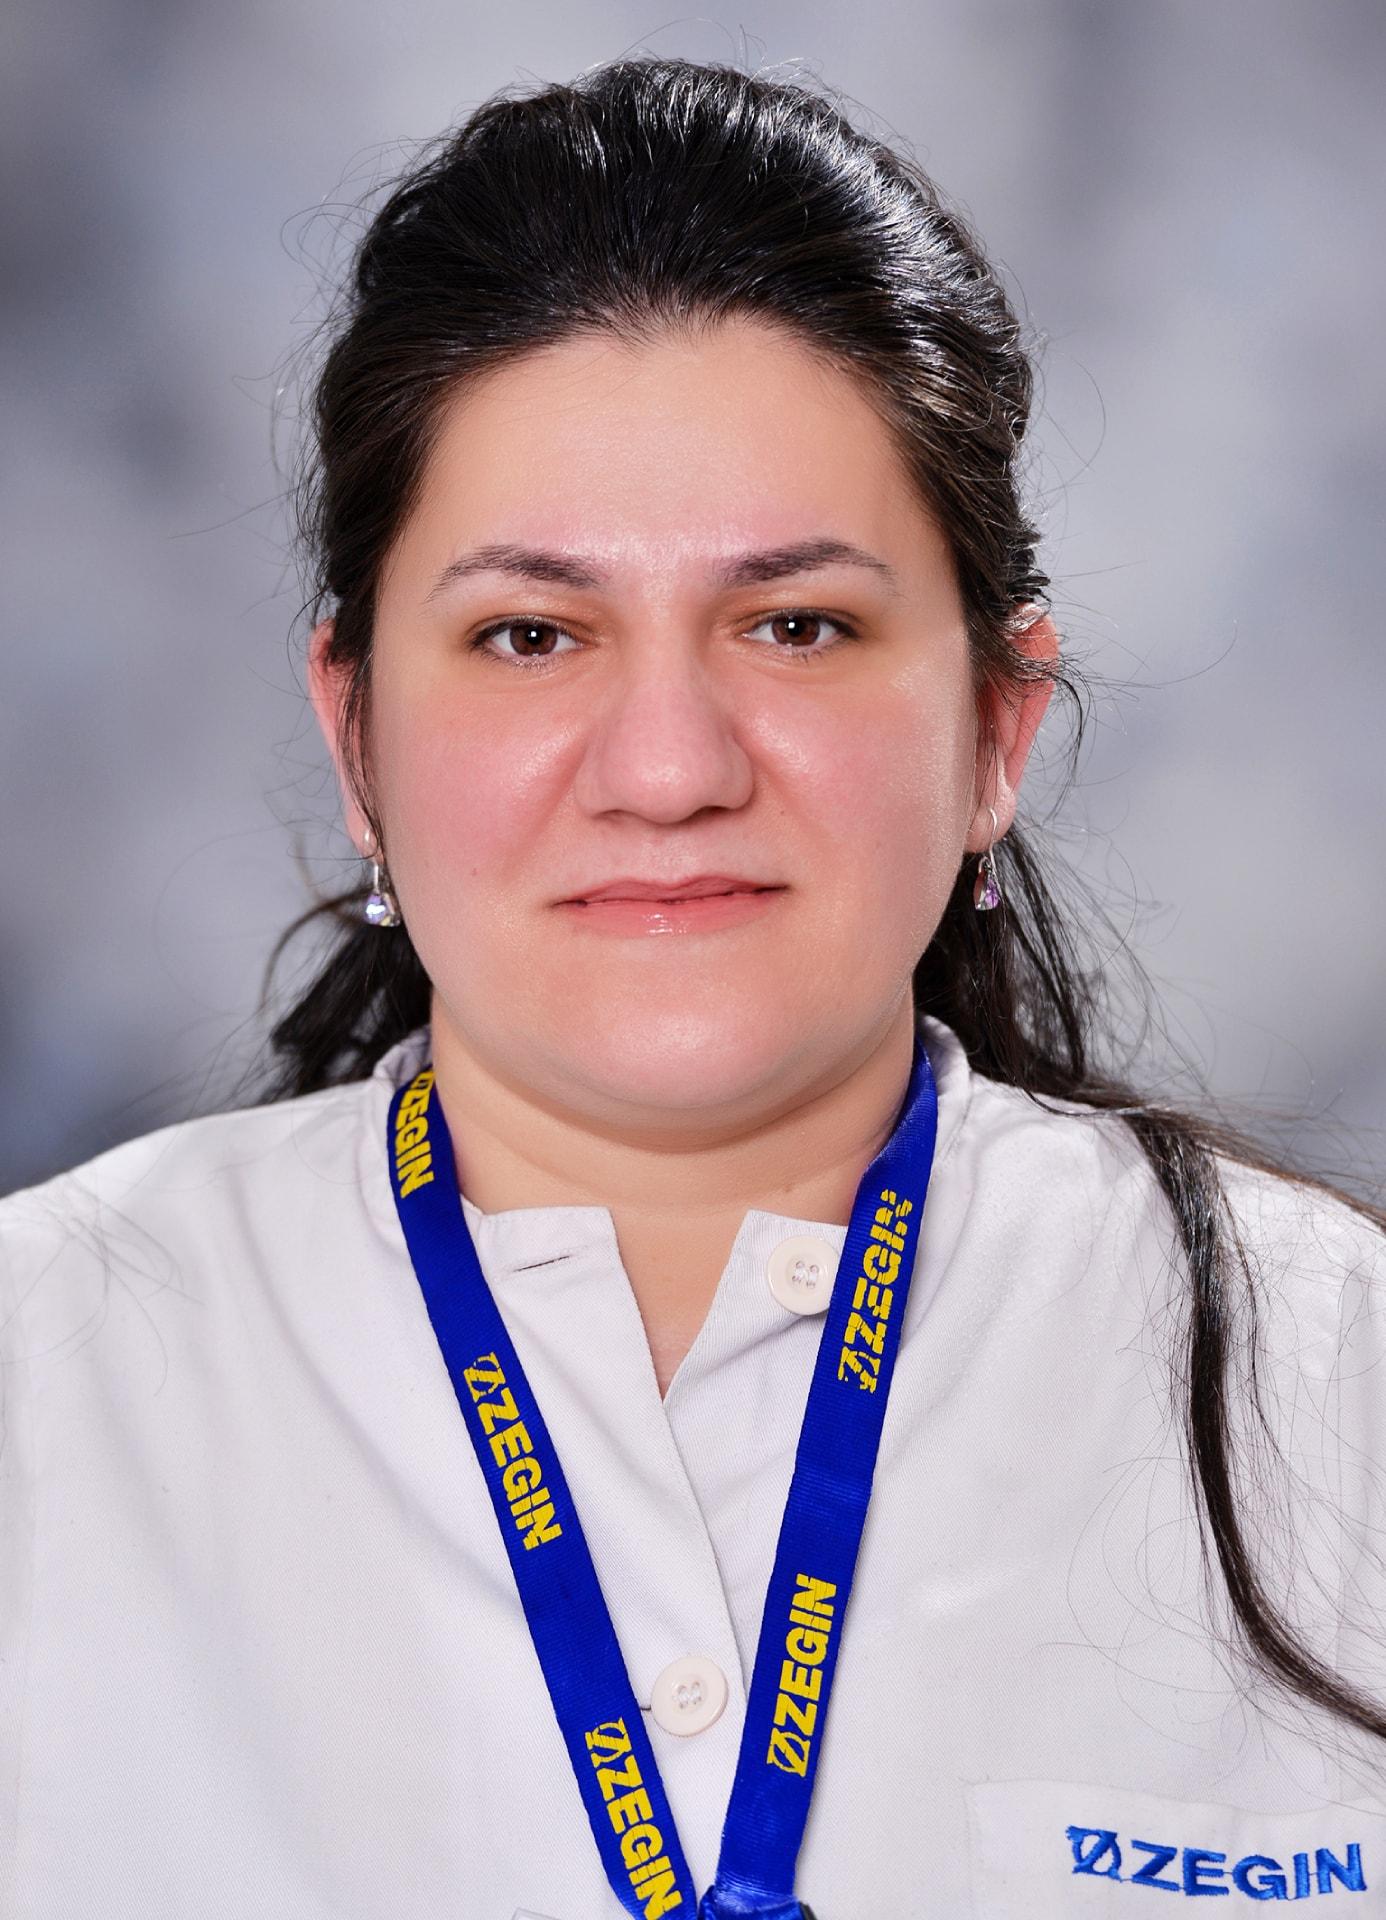 Picture of Трифуновска Александра